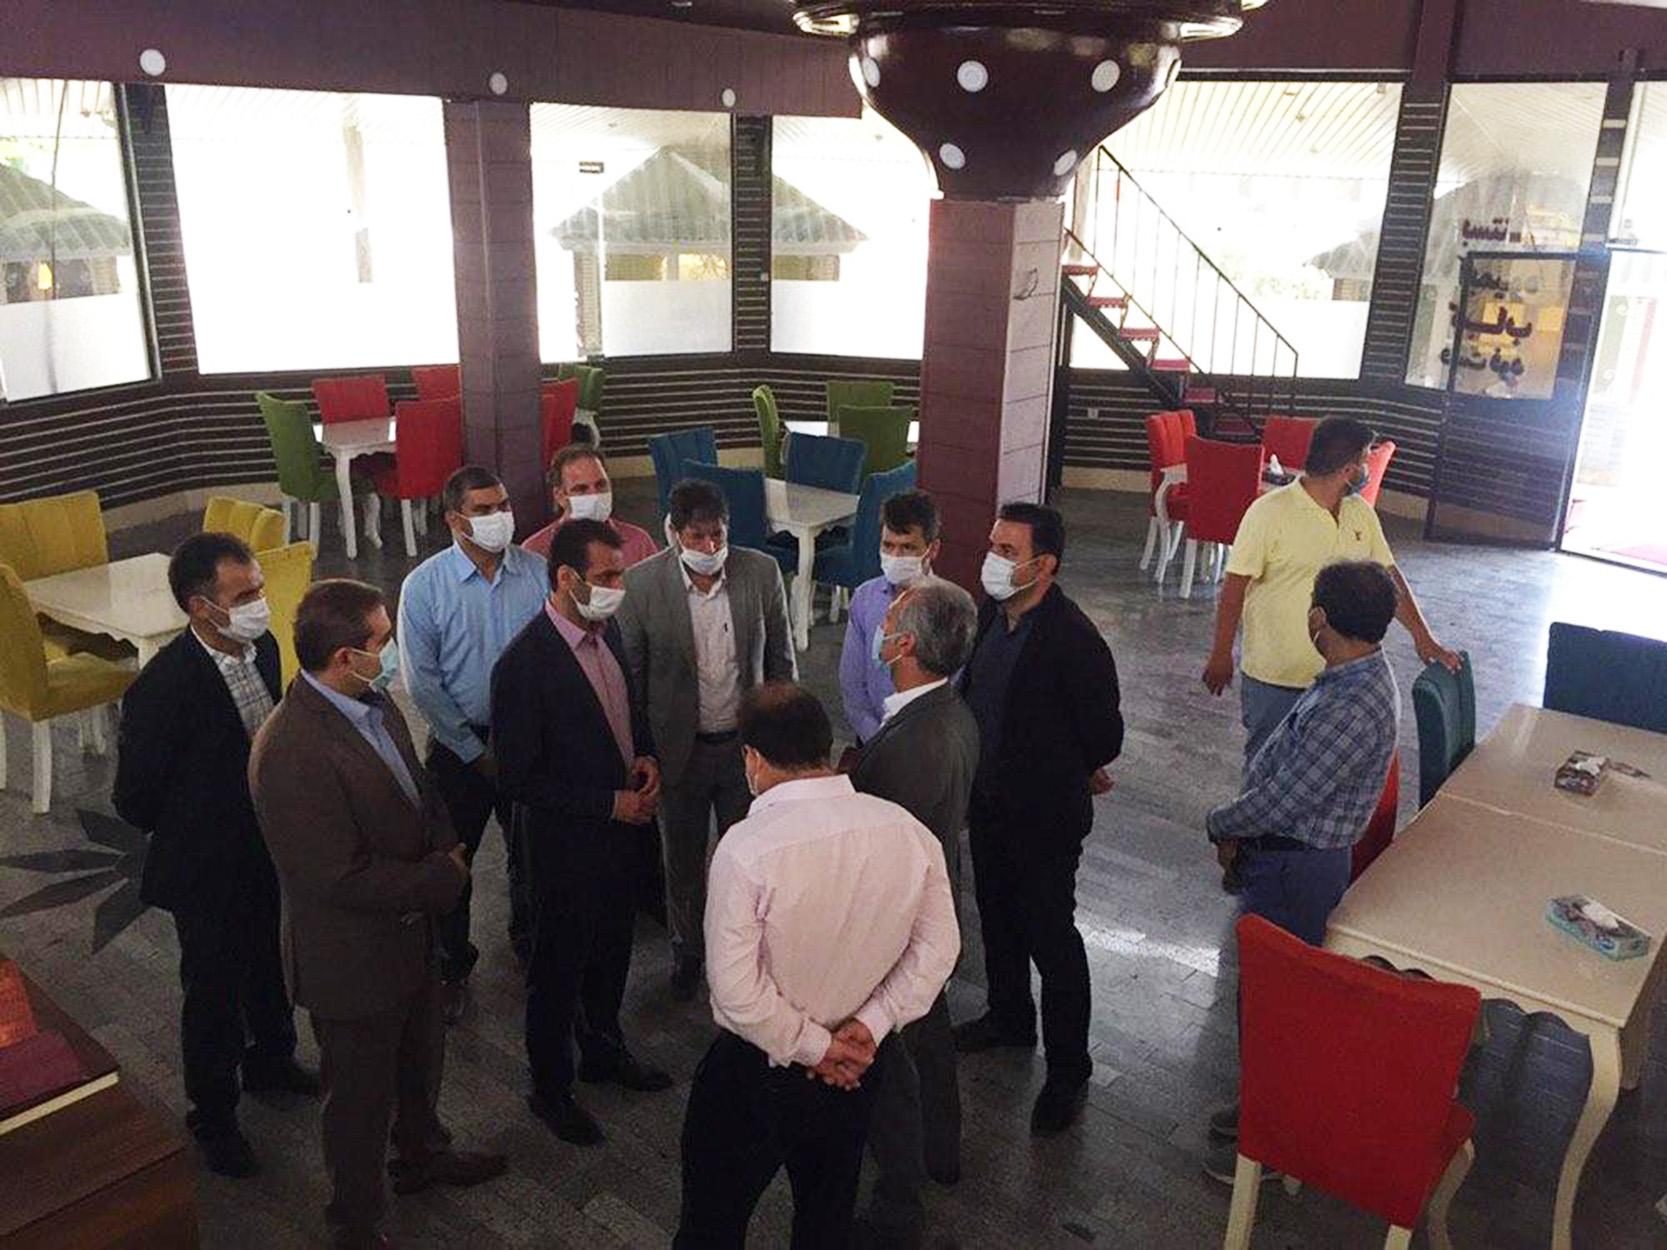 بازدید مدیرکل میراث فرهنگی گلستان از ظرفیت های شهرستان بندر ترکمن